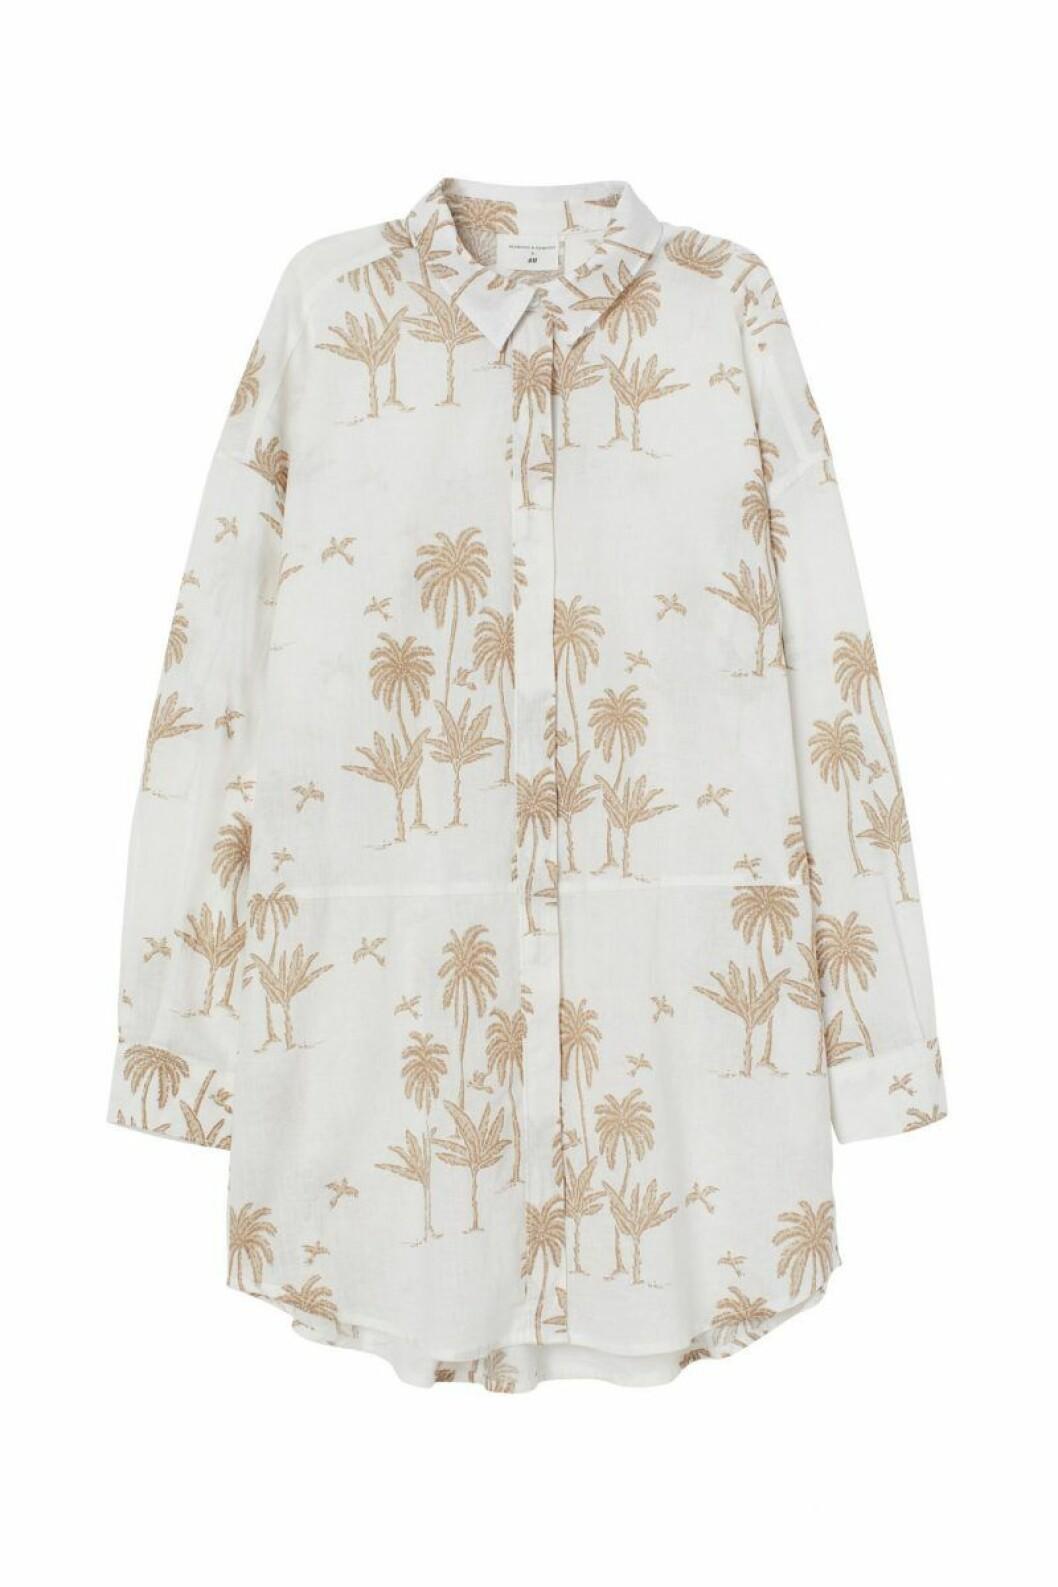 H&M x Desmond & Dempsey sommarkollektion 2020: mönstrad klänning